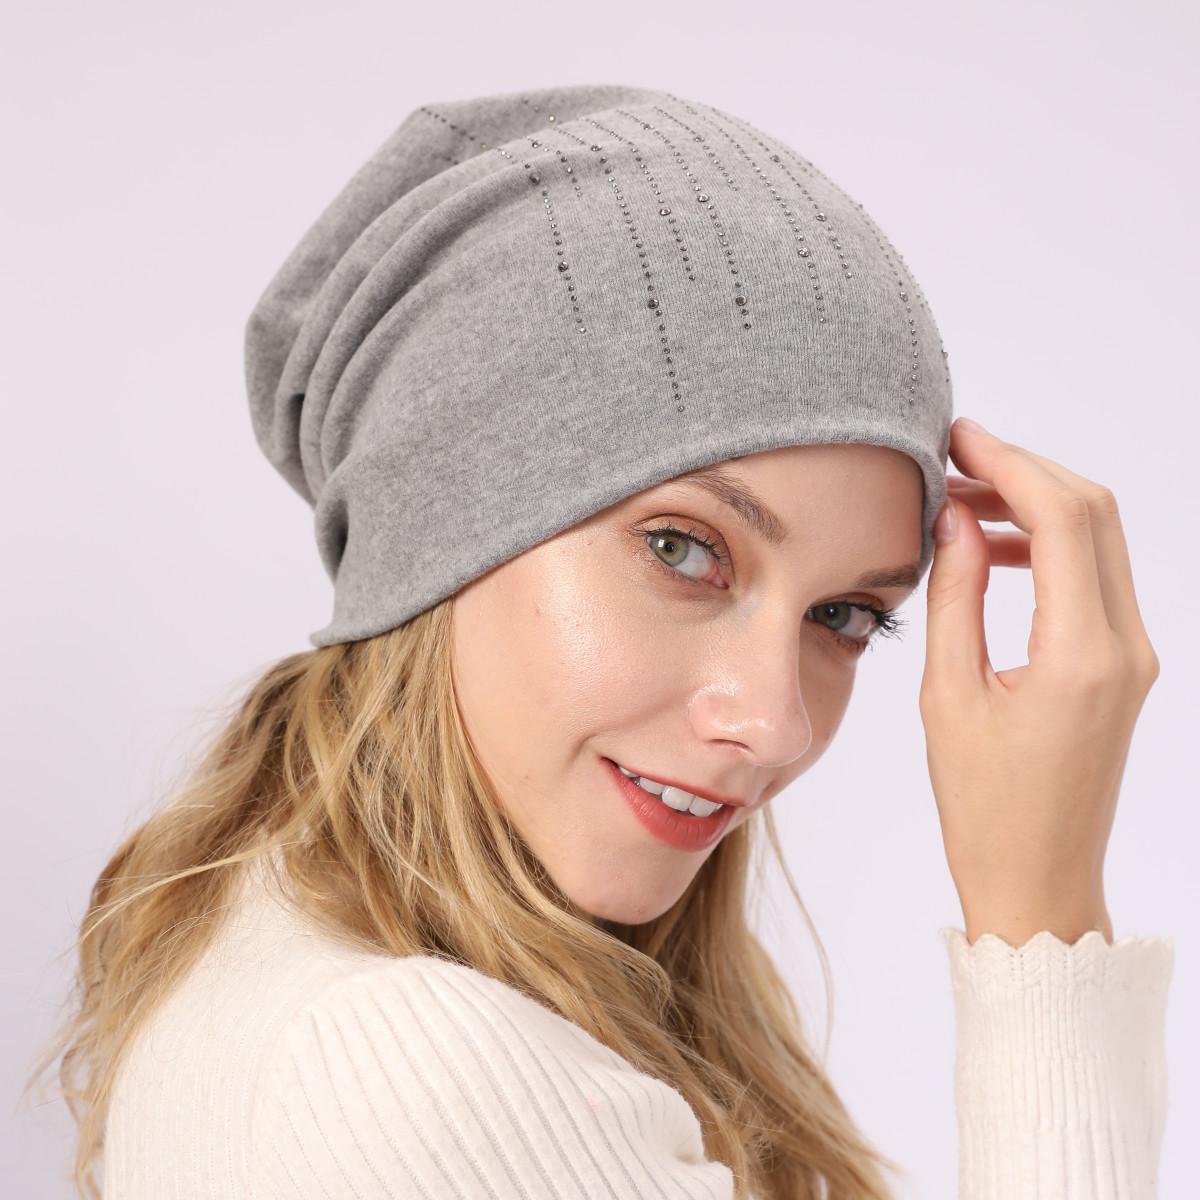 Осень Зима хрустального черепа Колпачки Теплый Cap моды Мягкий теплый женщин Hat Beanie Шляпы Мода Волю и Sandy подарок